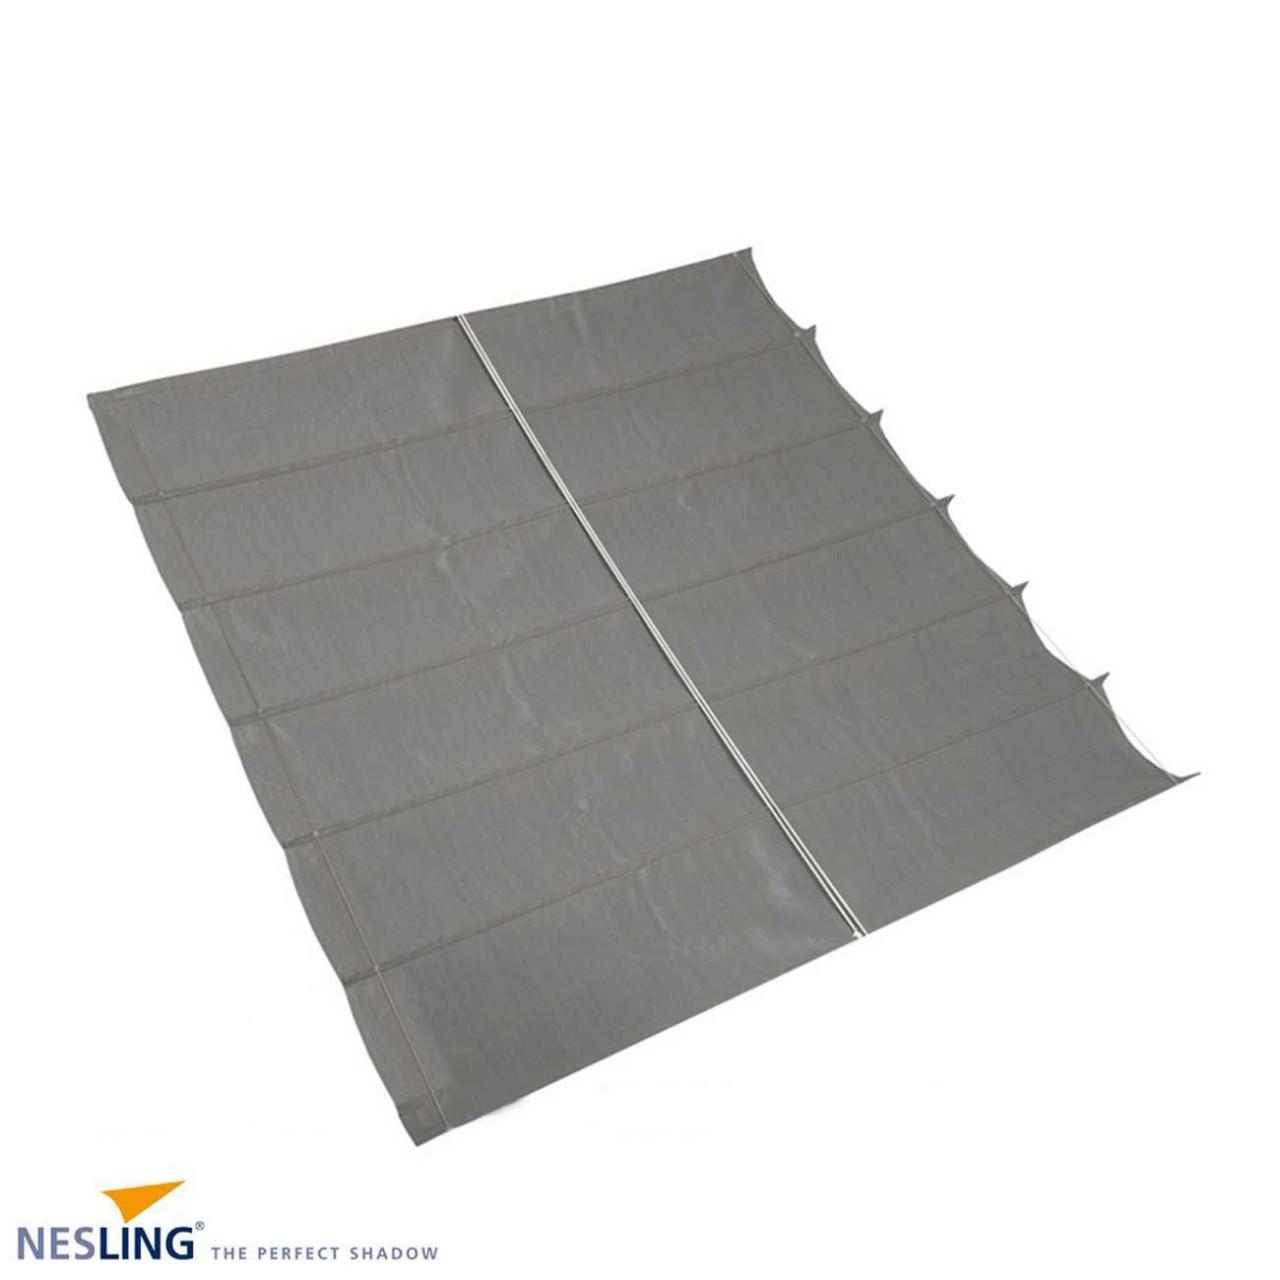 Faltsonnensegel von Nesling 290 x 400 cm, Sonnensegel, verstellbar, Sonnenschutz